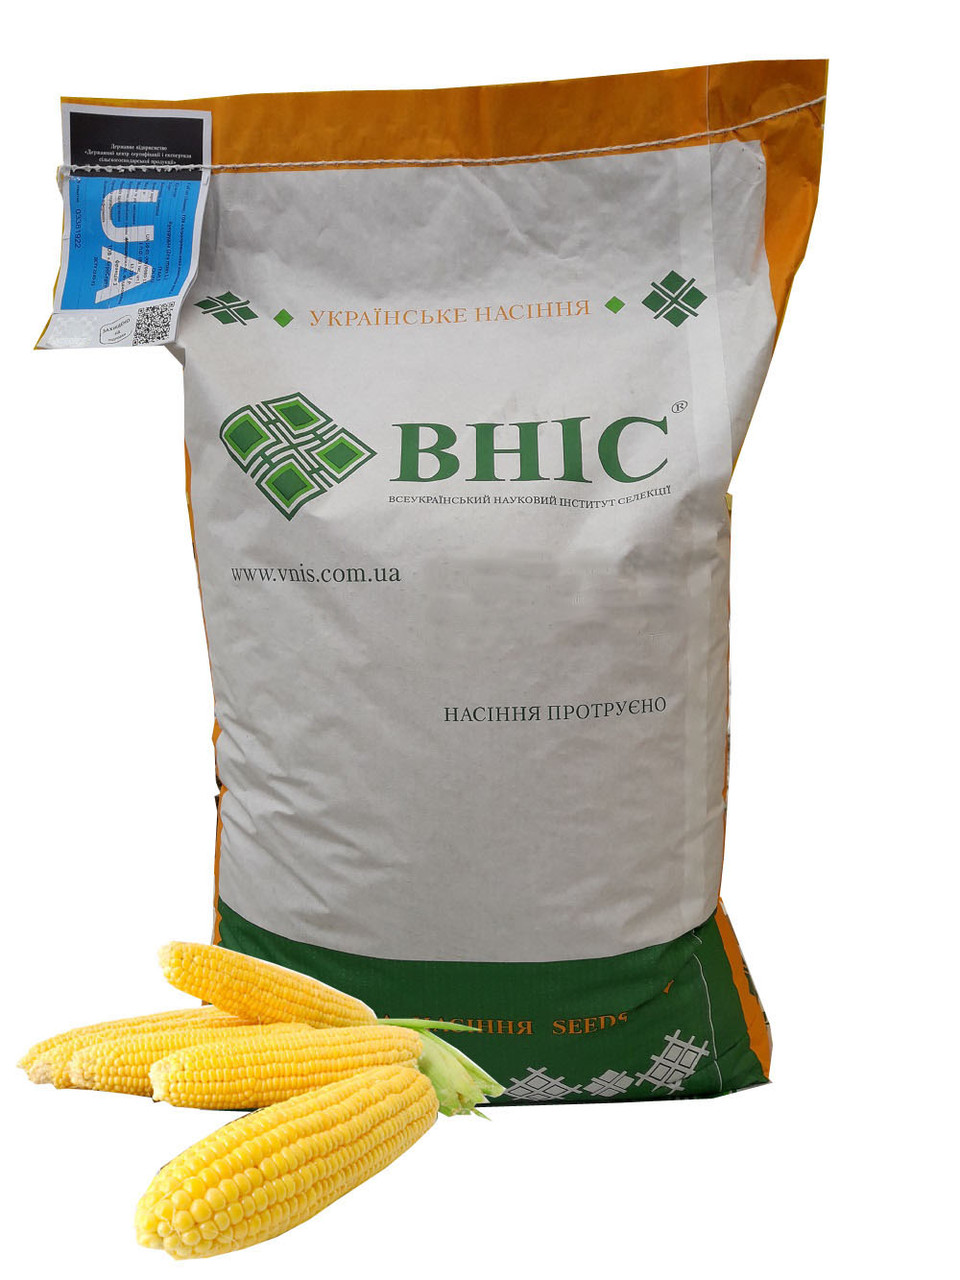 Семена кукурузы ВН (ФАО 280) / Насіння  кукурудзи ВН 63 (ФАО 280)  ВНІС/